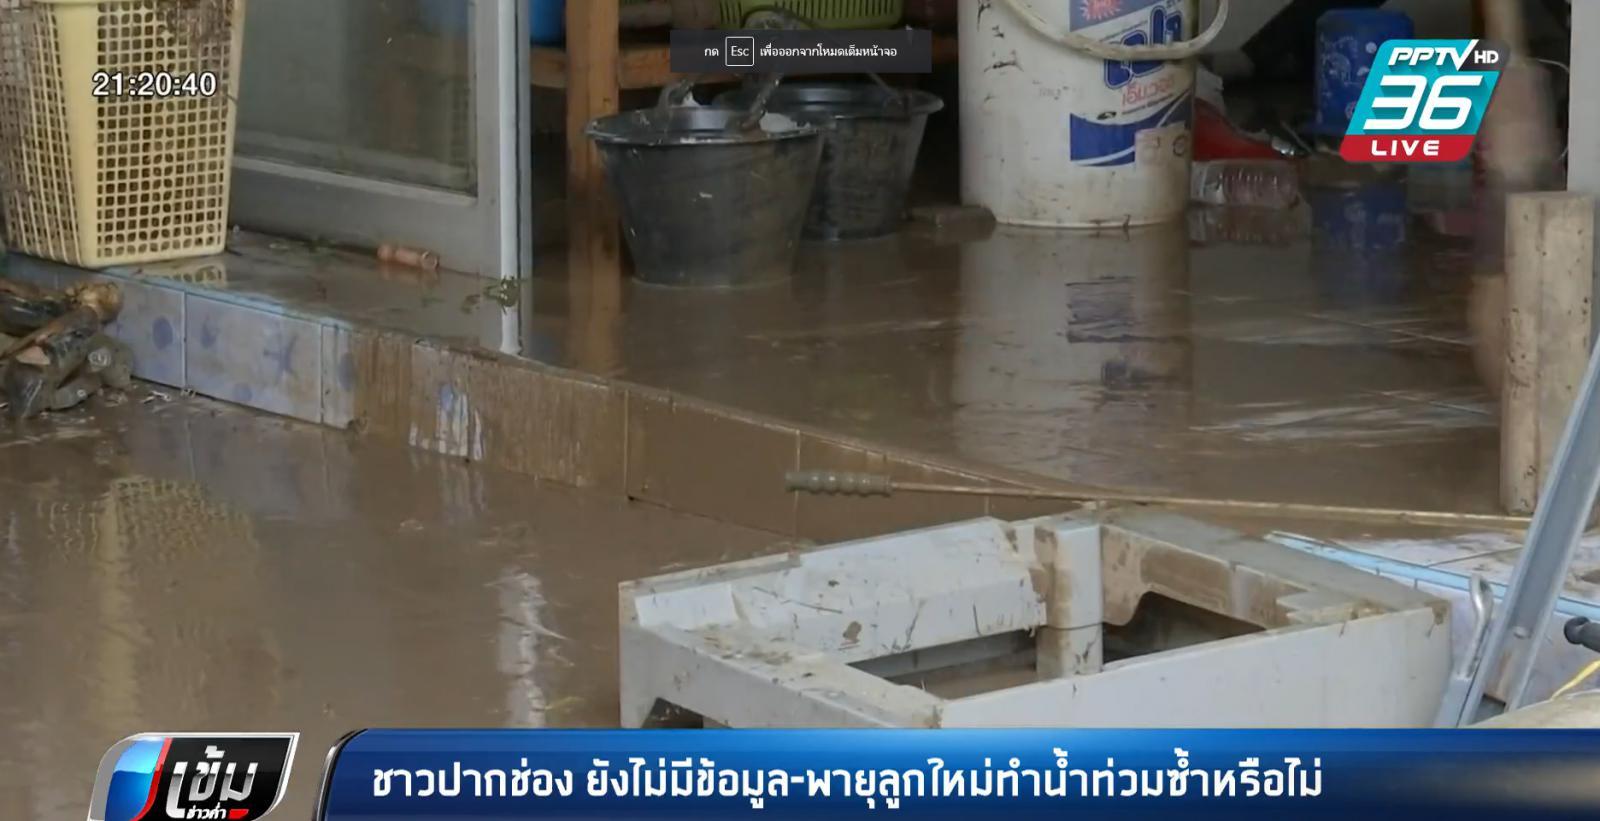 ชาวปากช่อง ยังไม่มีข้อมูลพายุลูกใหม่ทำน้ำท่วมซ้ำ